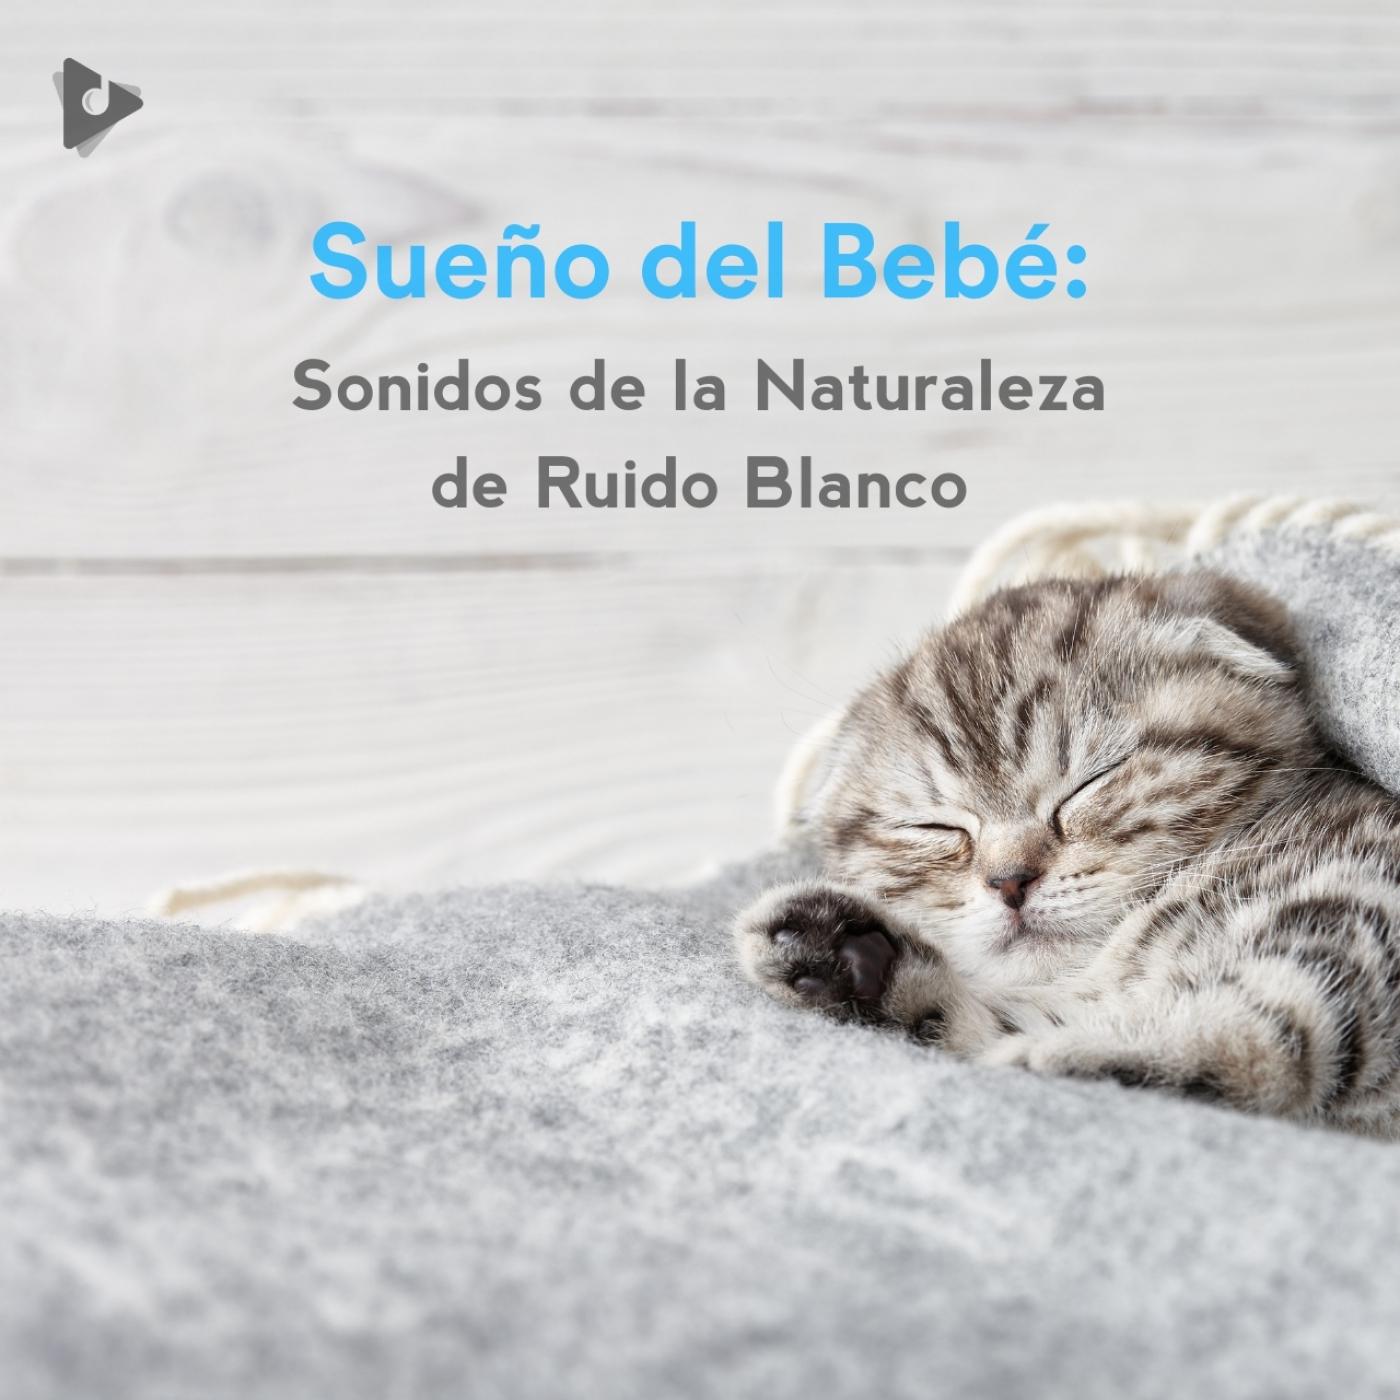 Sueño del Bebé: Sonidos de la Naturaleza de Ruido Blanco